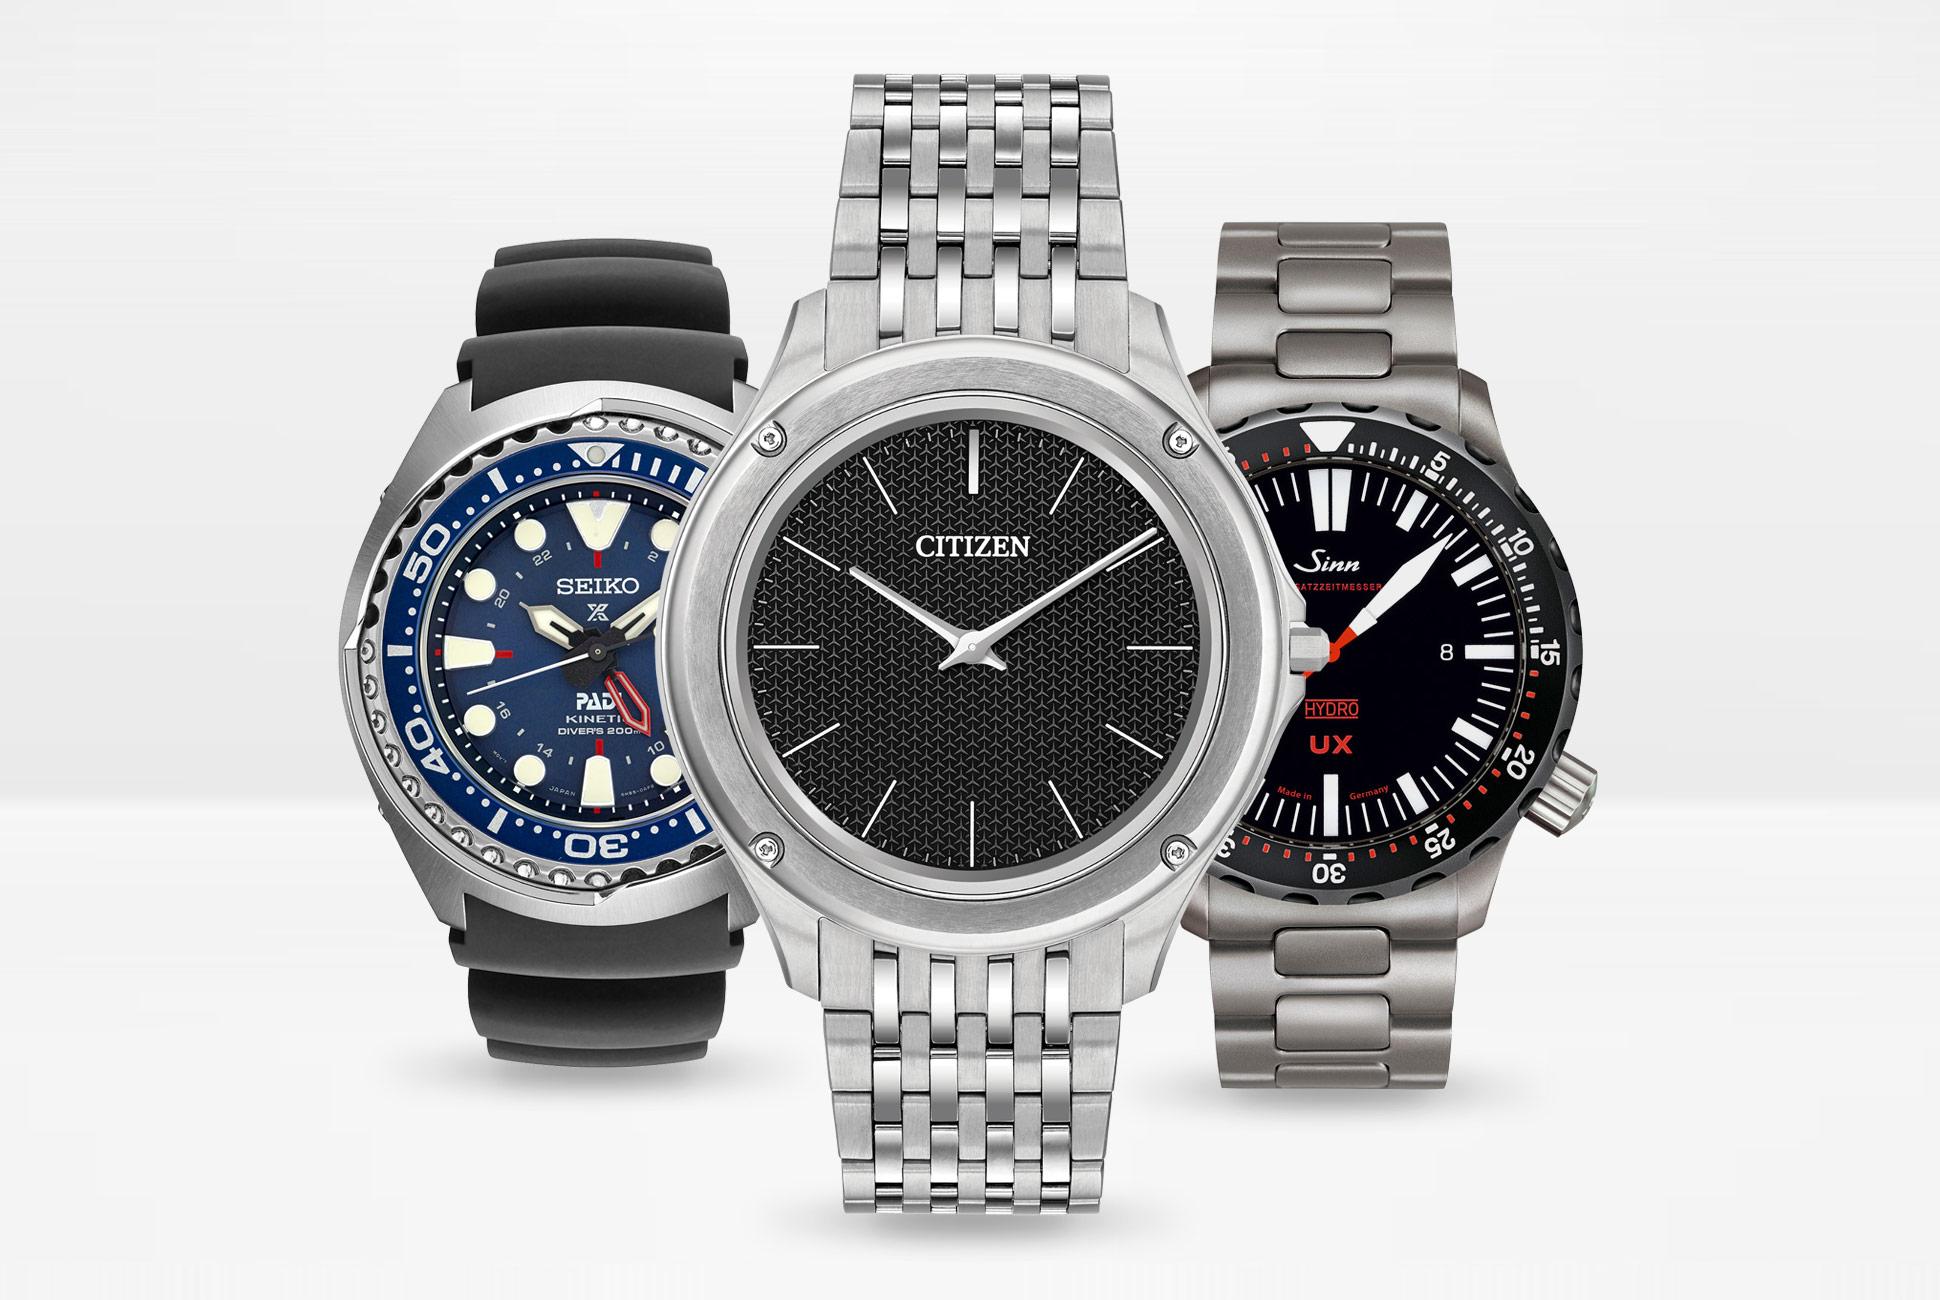 นาฬิกาผู้ชายเข้าร่วมรายการโปรโมชั่นส่วนลด Ebay ราคาสบายกระเป๋าไม่เกิน 200บาท